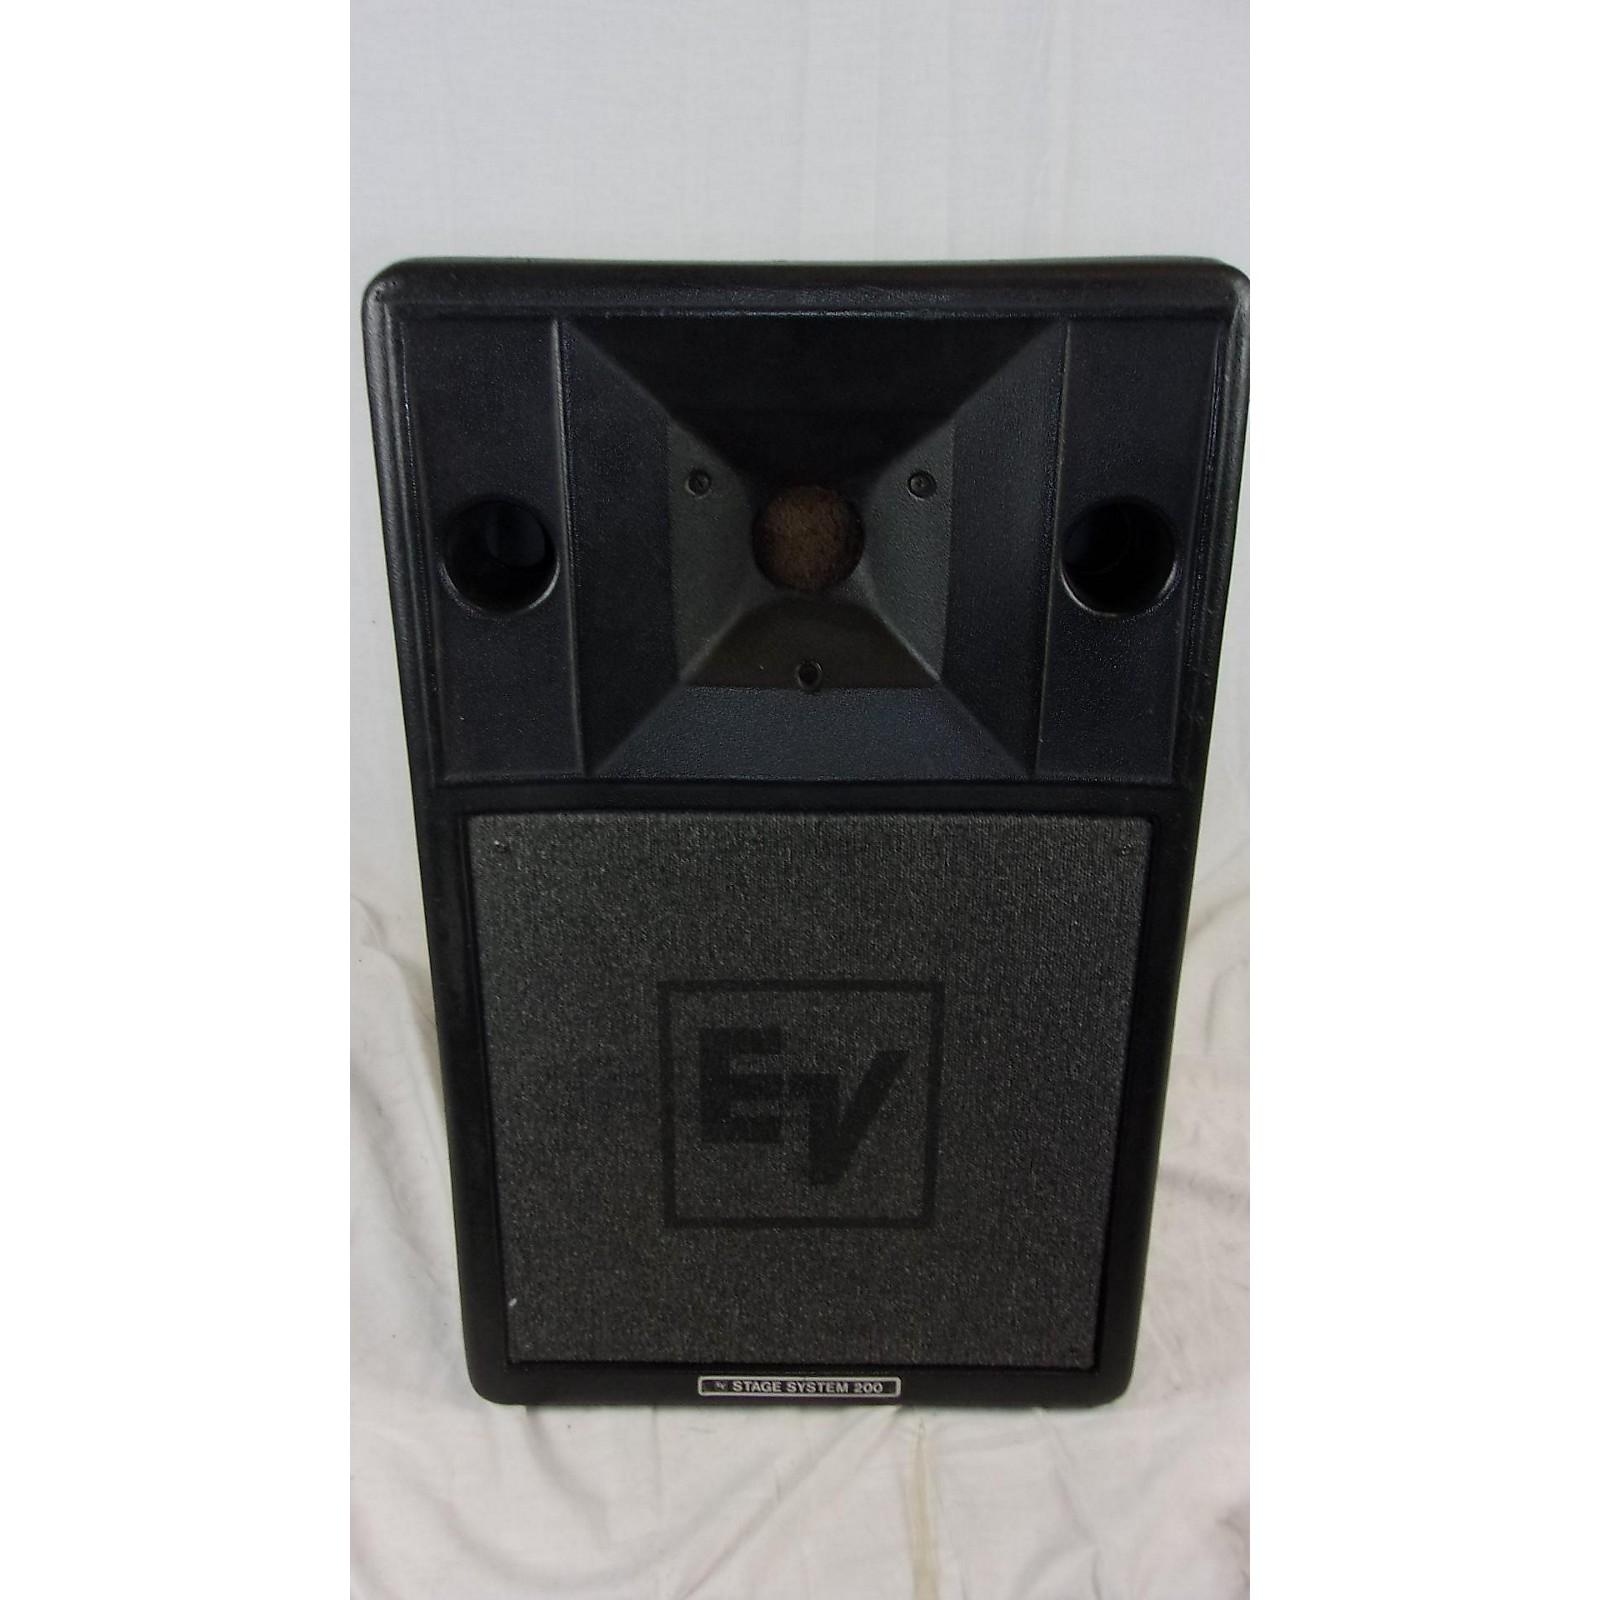 Electro-Voice S200 Unpowered Speaker